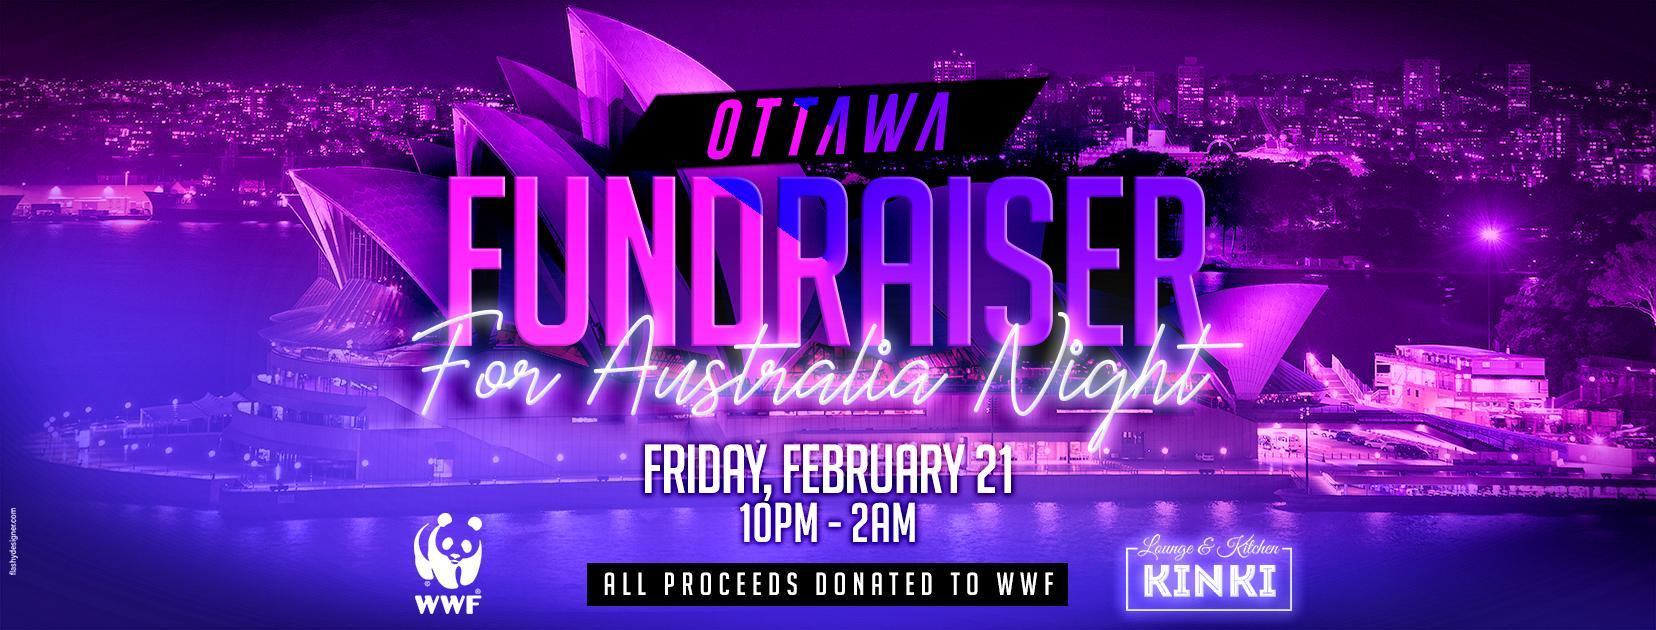 Ottawa Fundraiser for Australia